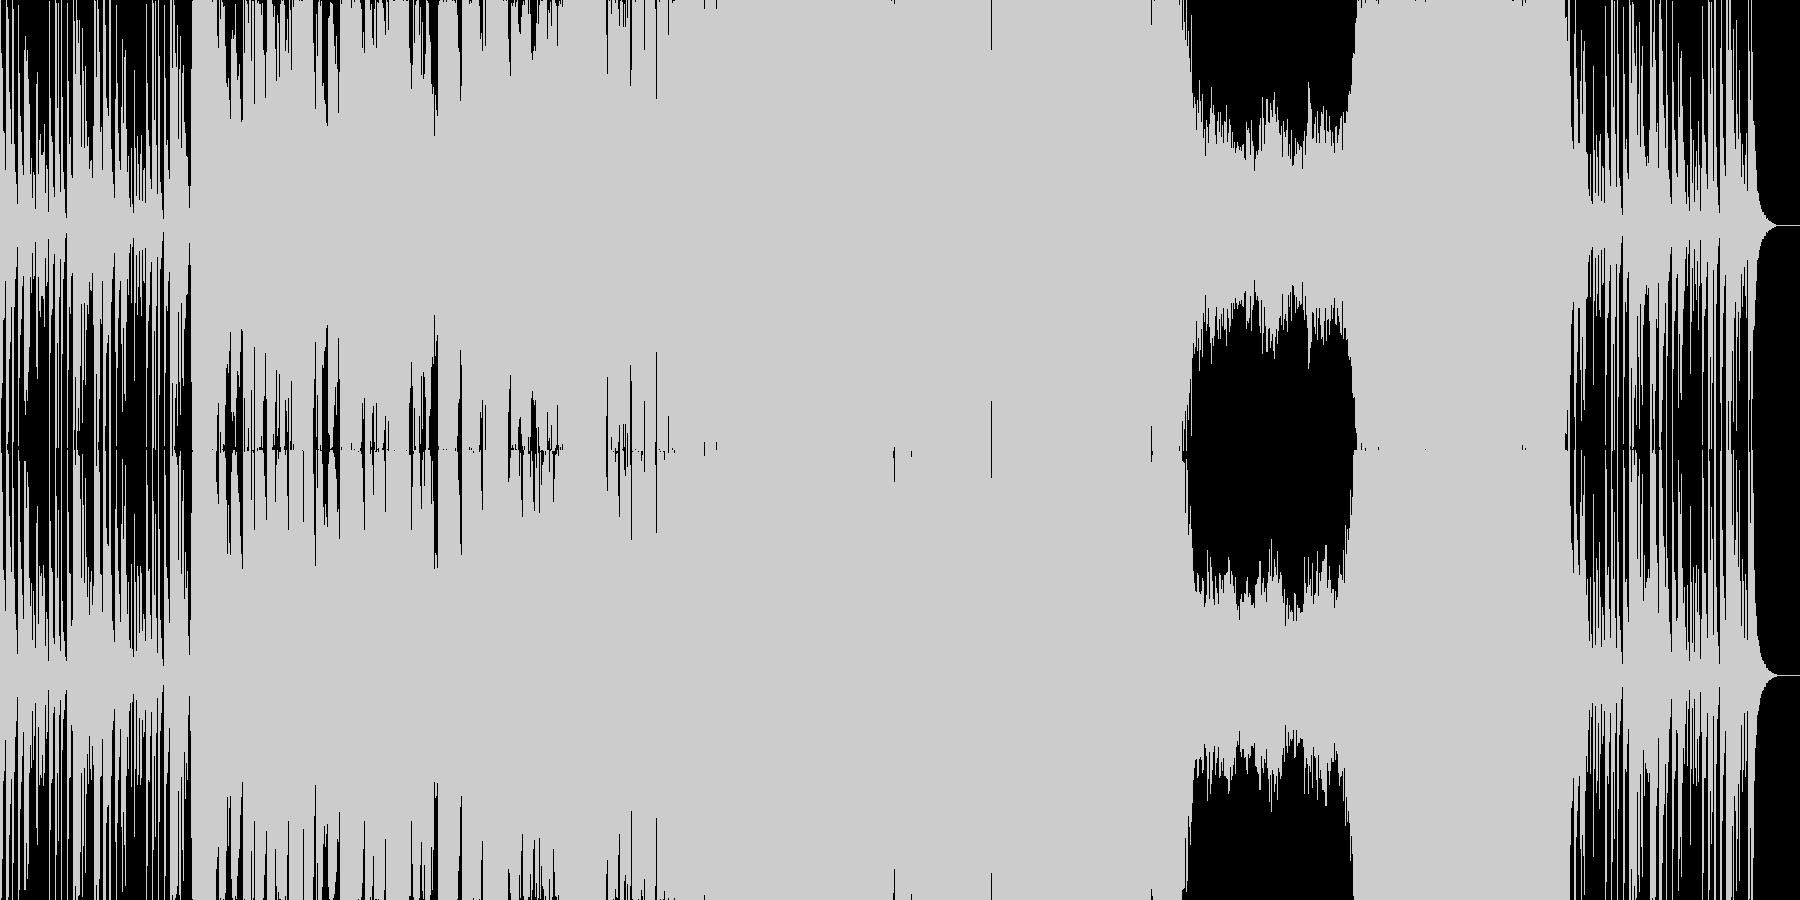 シンフォニックなダブステップの未再生の波形